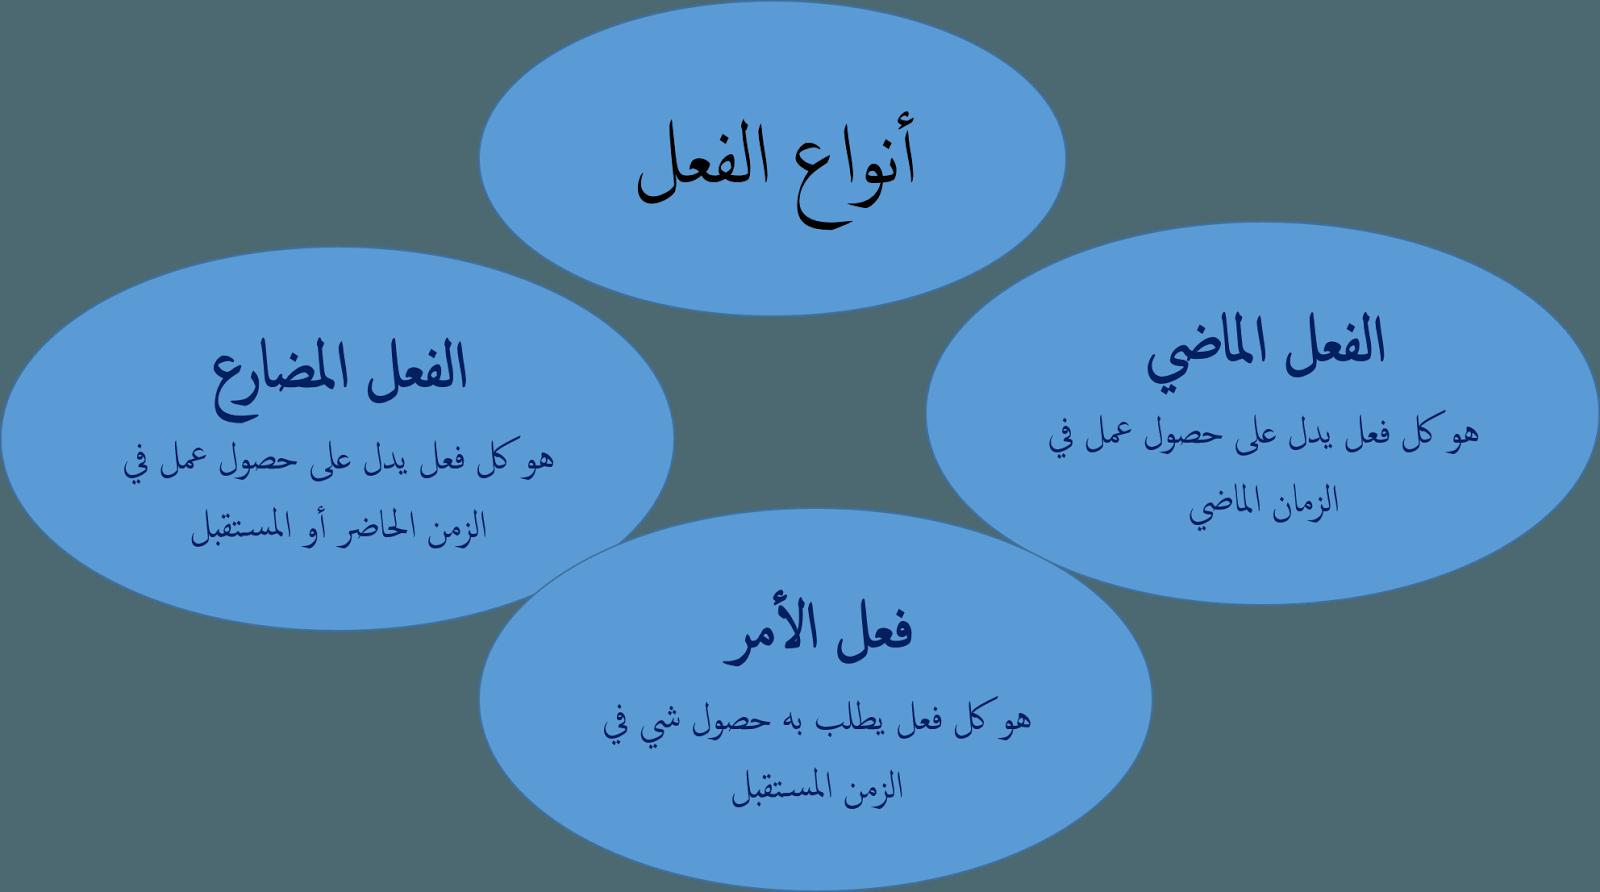 انواع الفعل المضارع